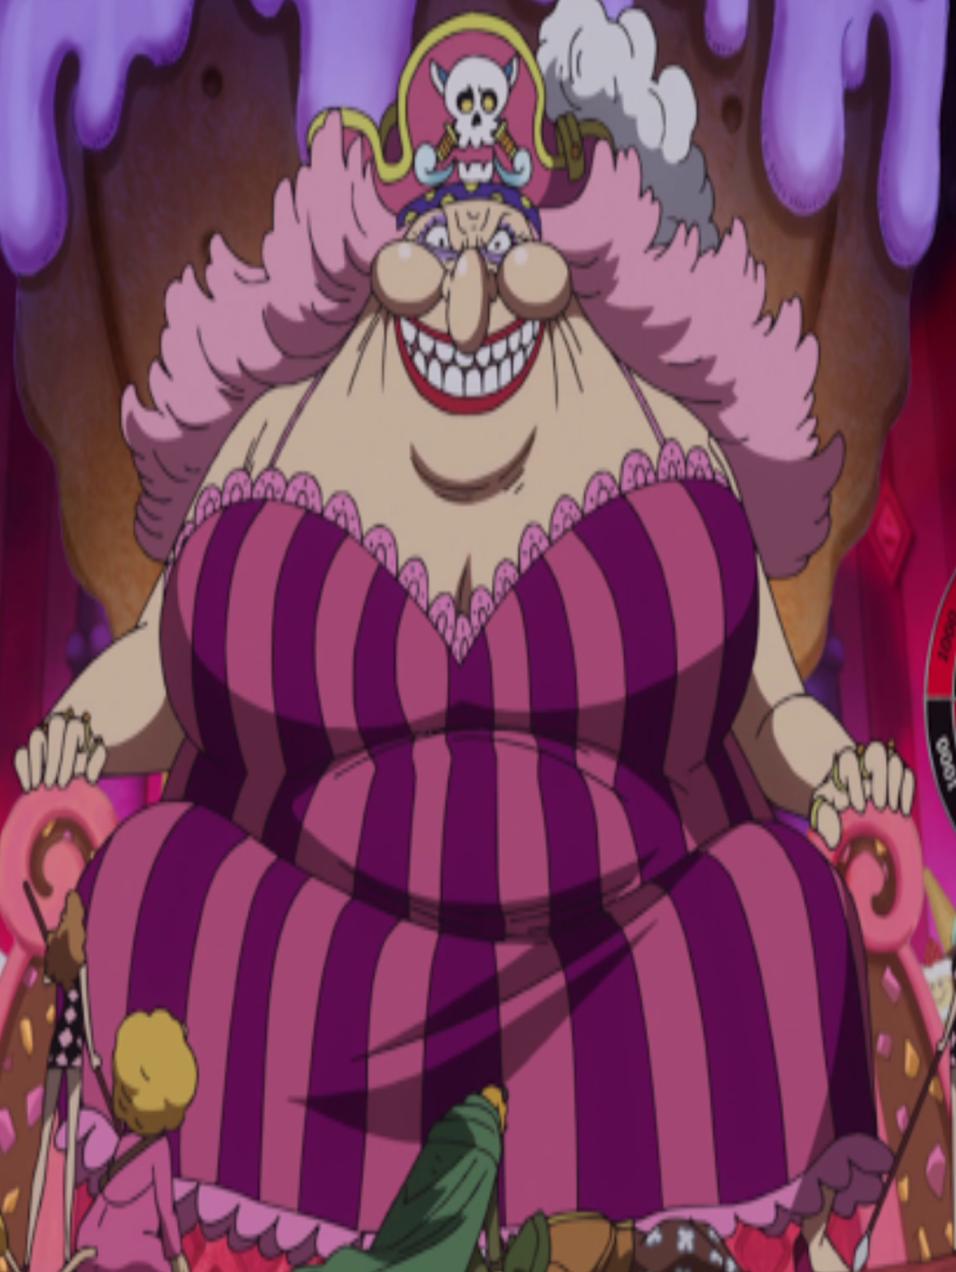 悪い顔をしたビッグマム